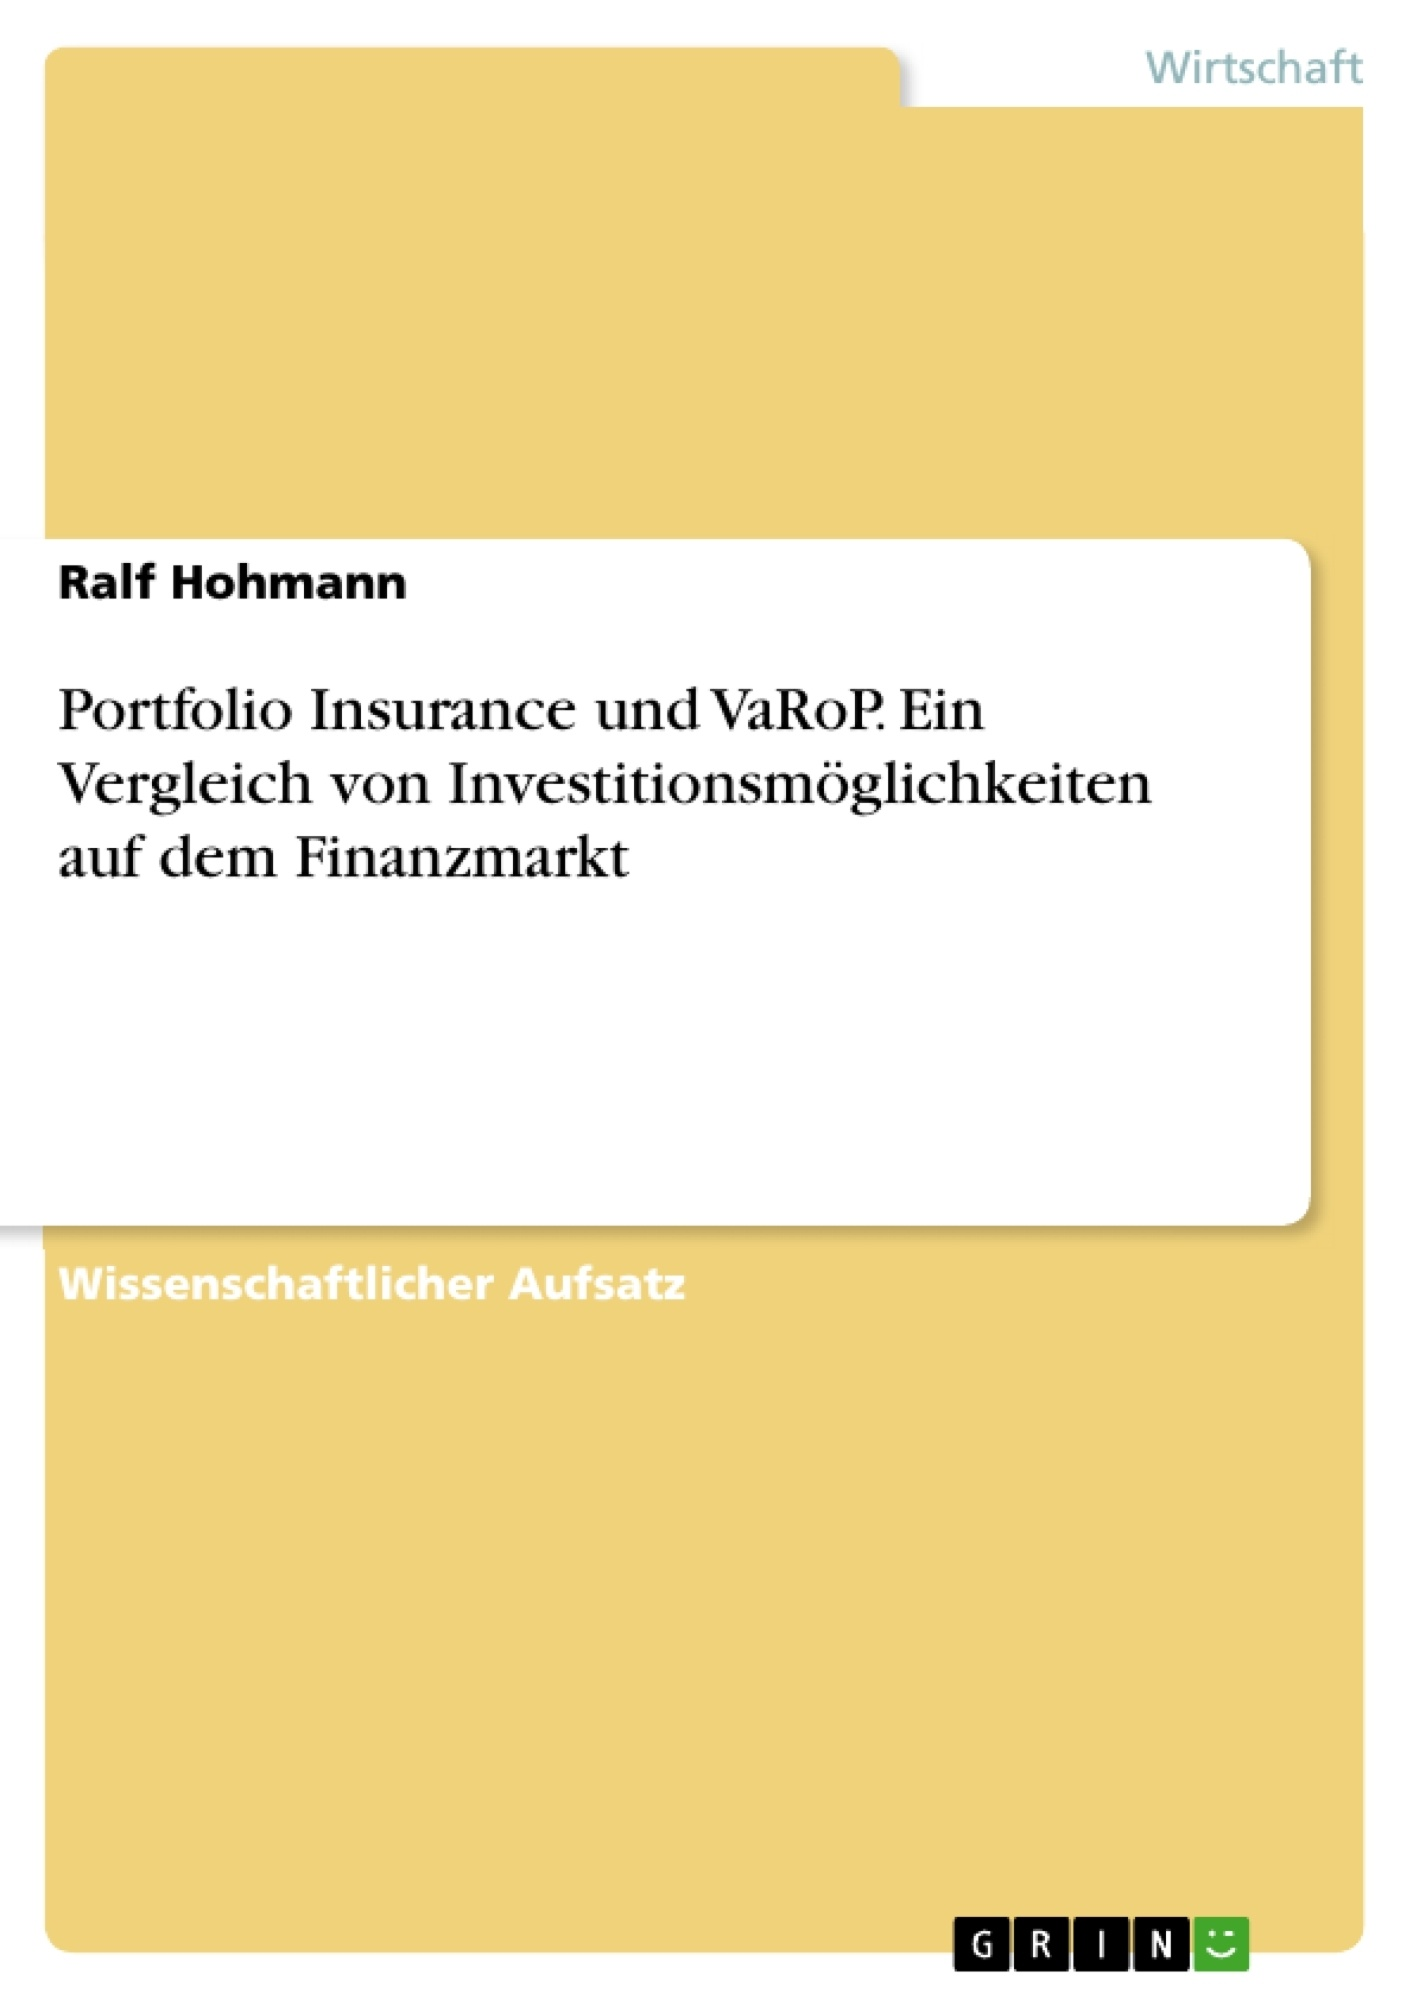 Titel: Portfolio Insurance und VaRoP. Ein Vergleich von Investitionsmöglichkeiten auf dem Finanzmarkt